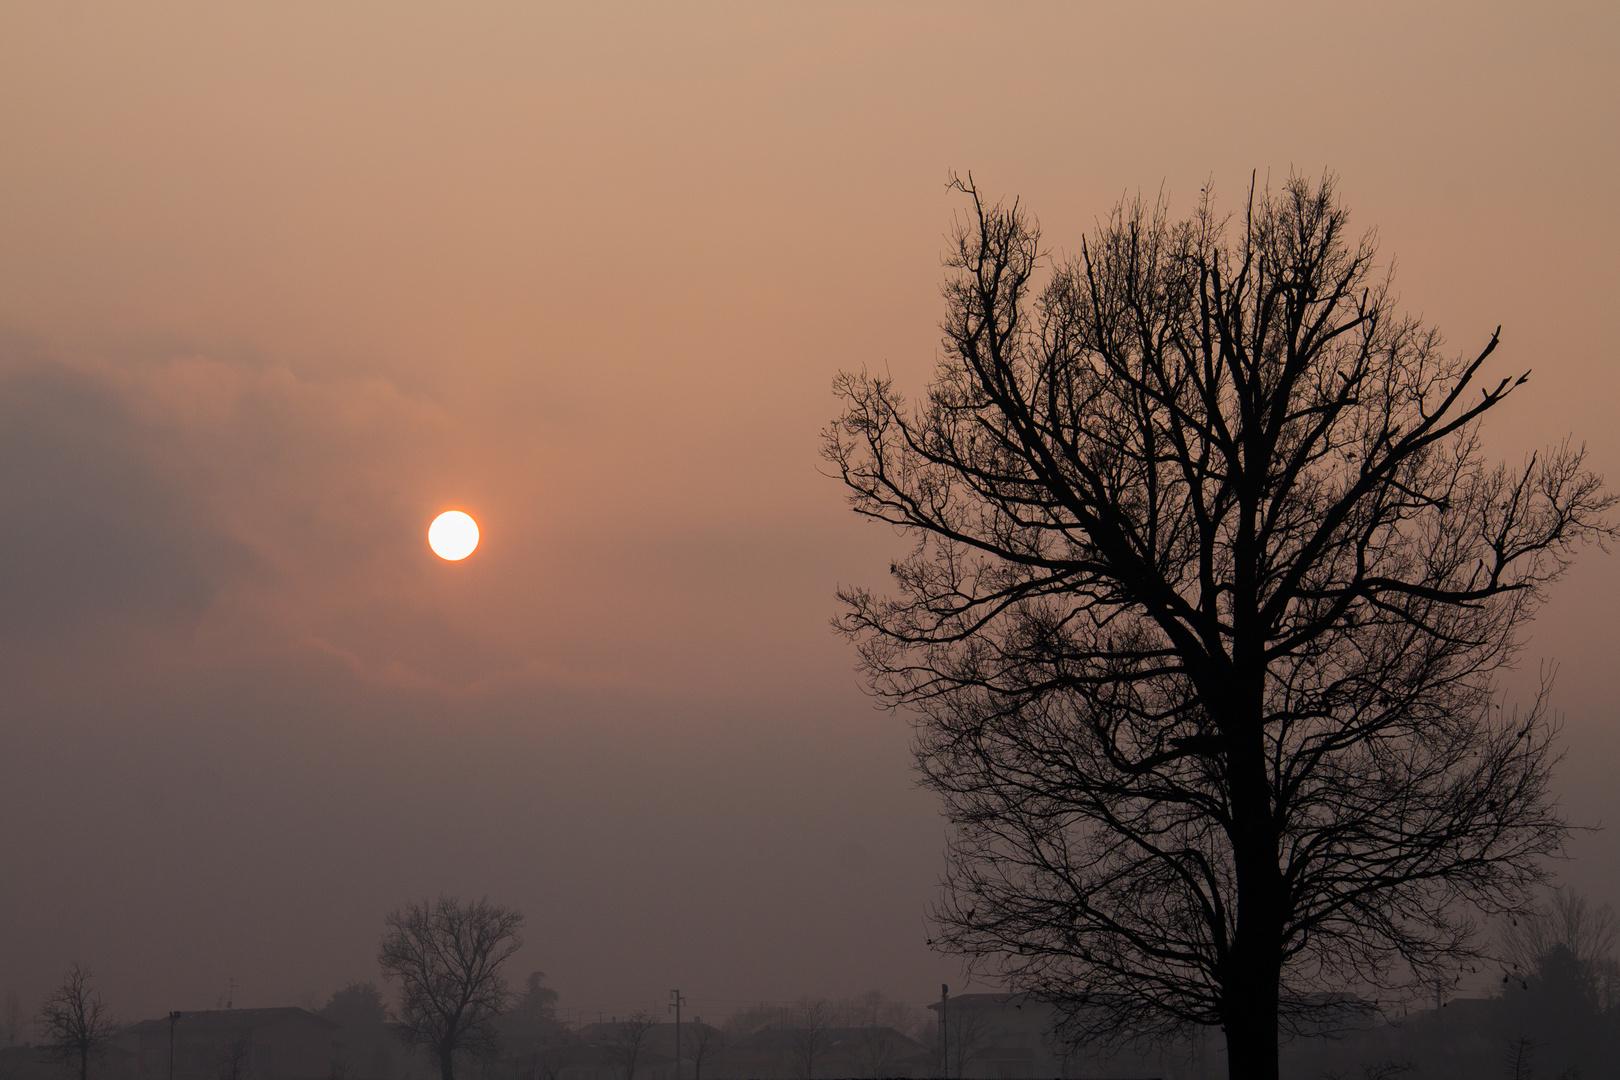 Tramonto Padano 2020 - Valpadana's sunset 2020